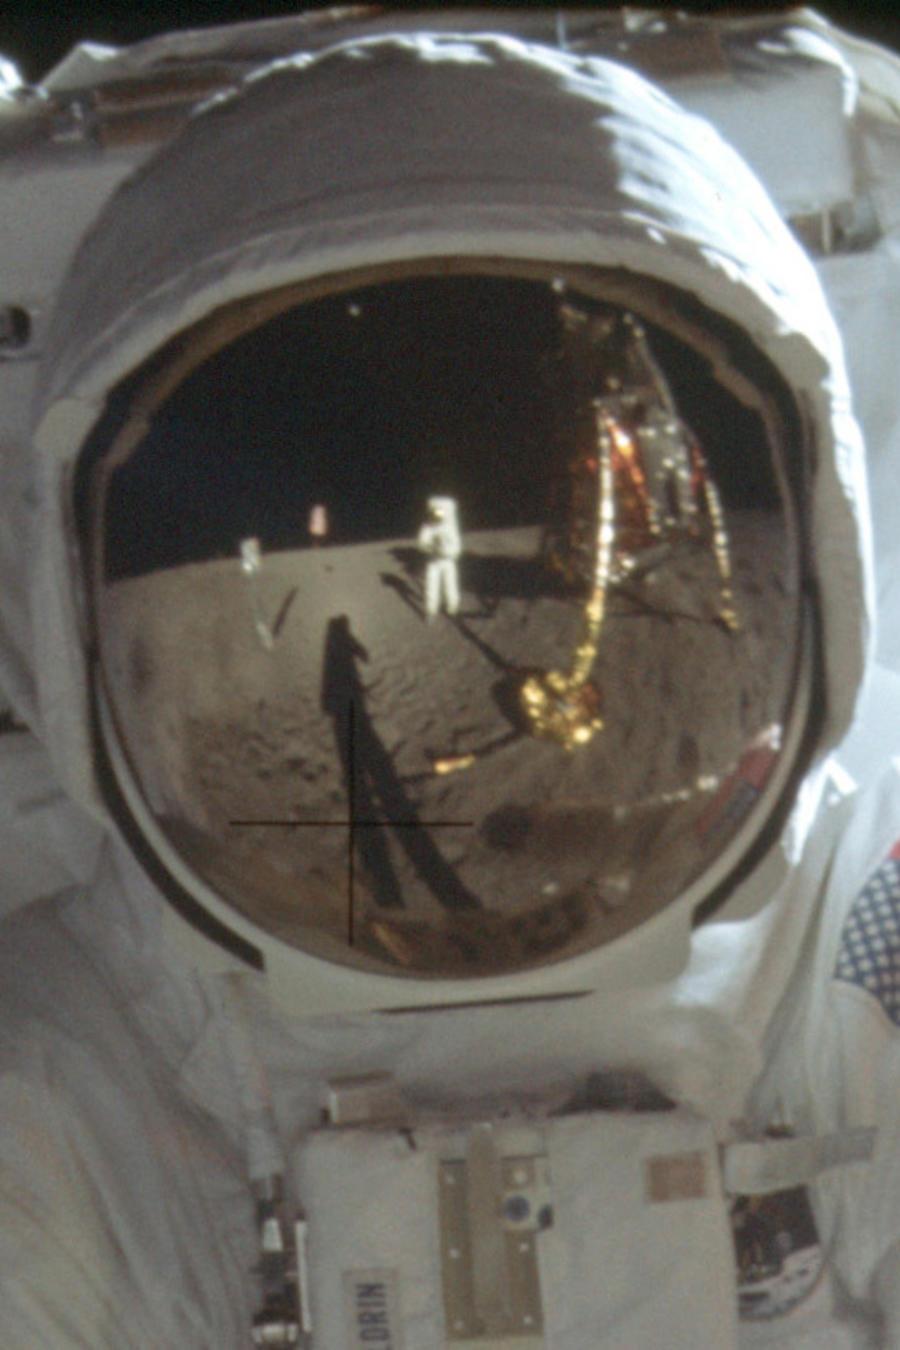 El astronauta Neil Armstrong reflejado en el casco de Buzz Aldrin en la superficie lunar